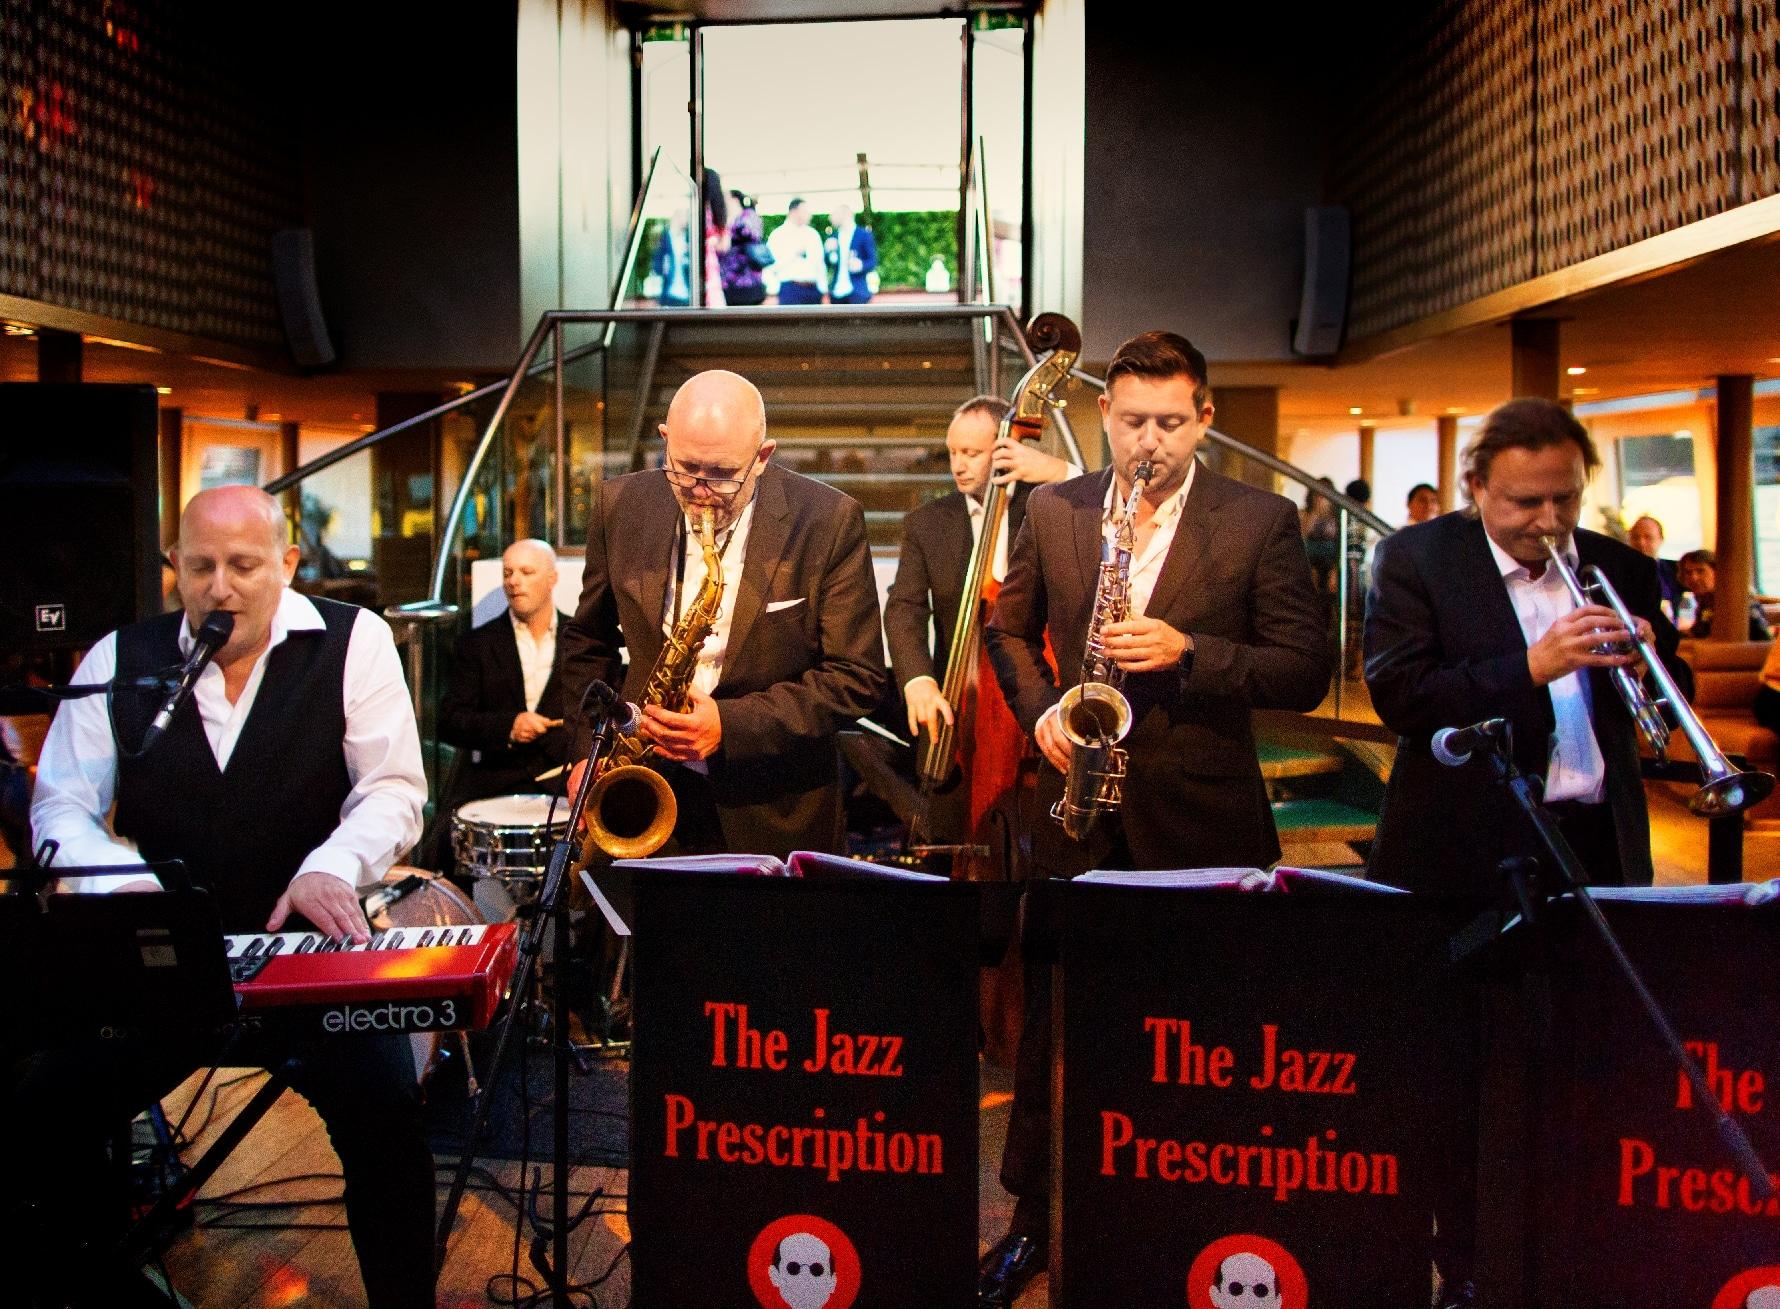 Jazz Wedding Band performing